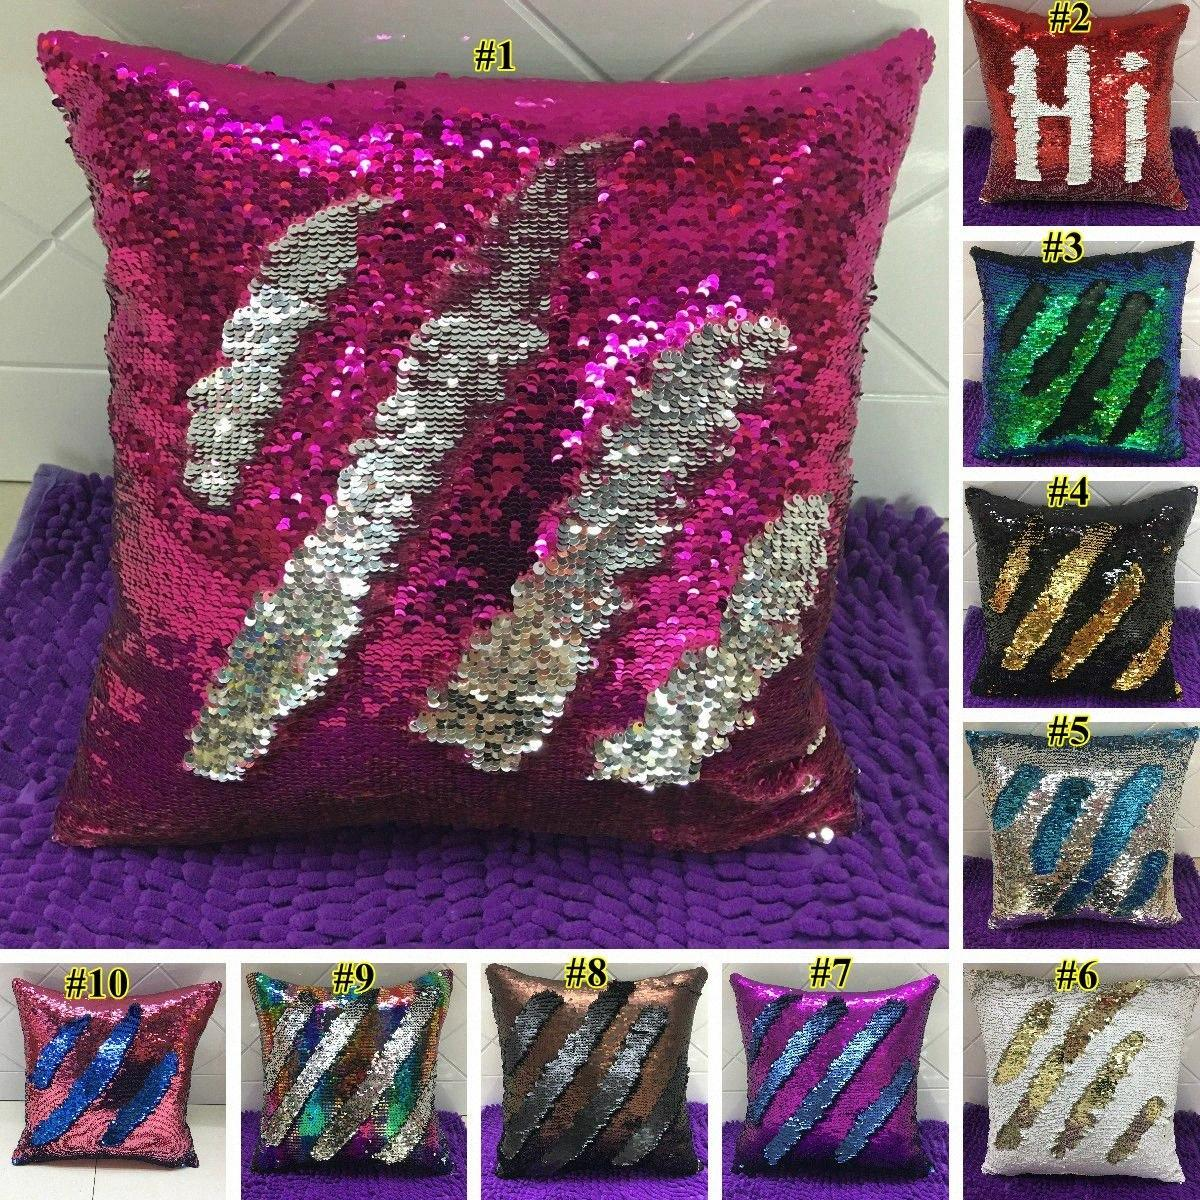 Cubiertas doble lentejuelas almohada Funda de almohada plaza cubierta Glamour Caso Cojín Inicio del coche del sofá decoración sirena almohada sin alma GWE721 MHwE #